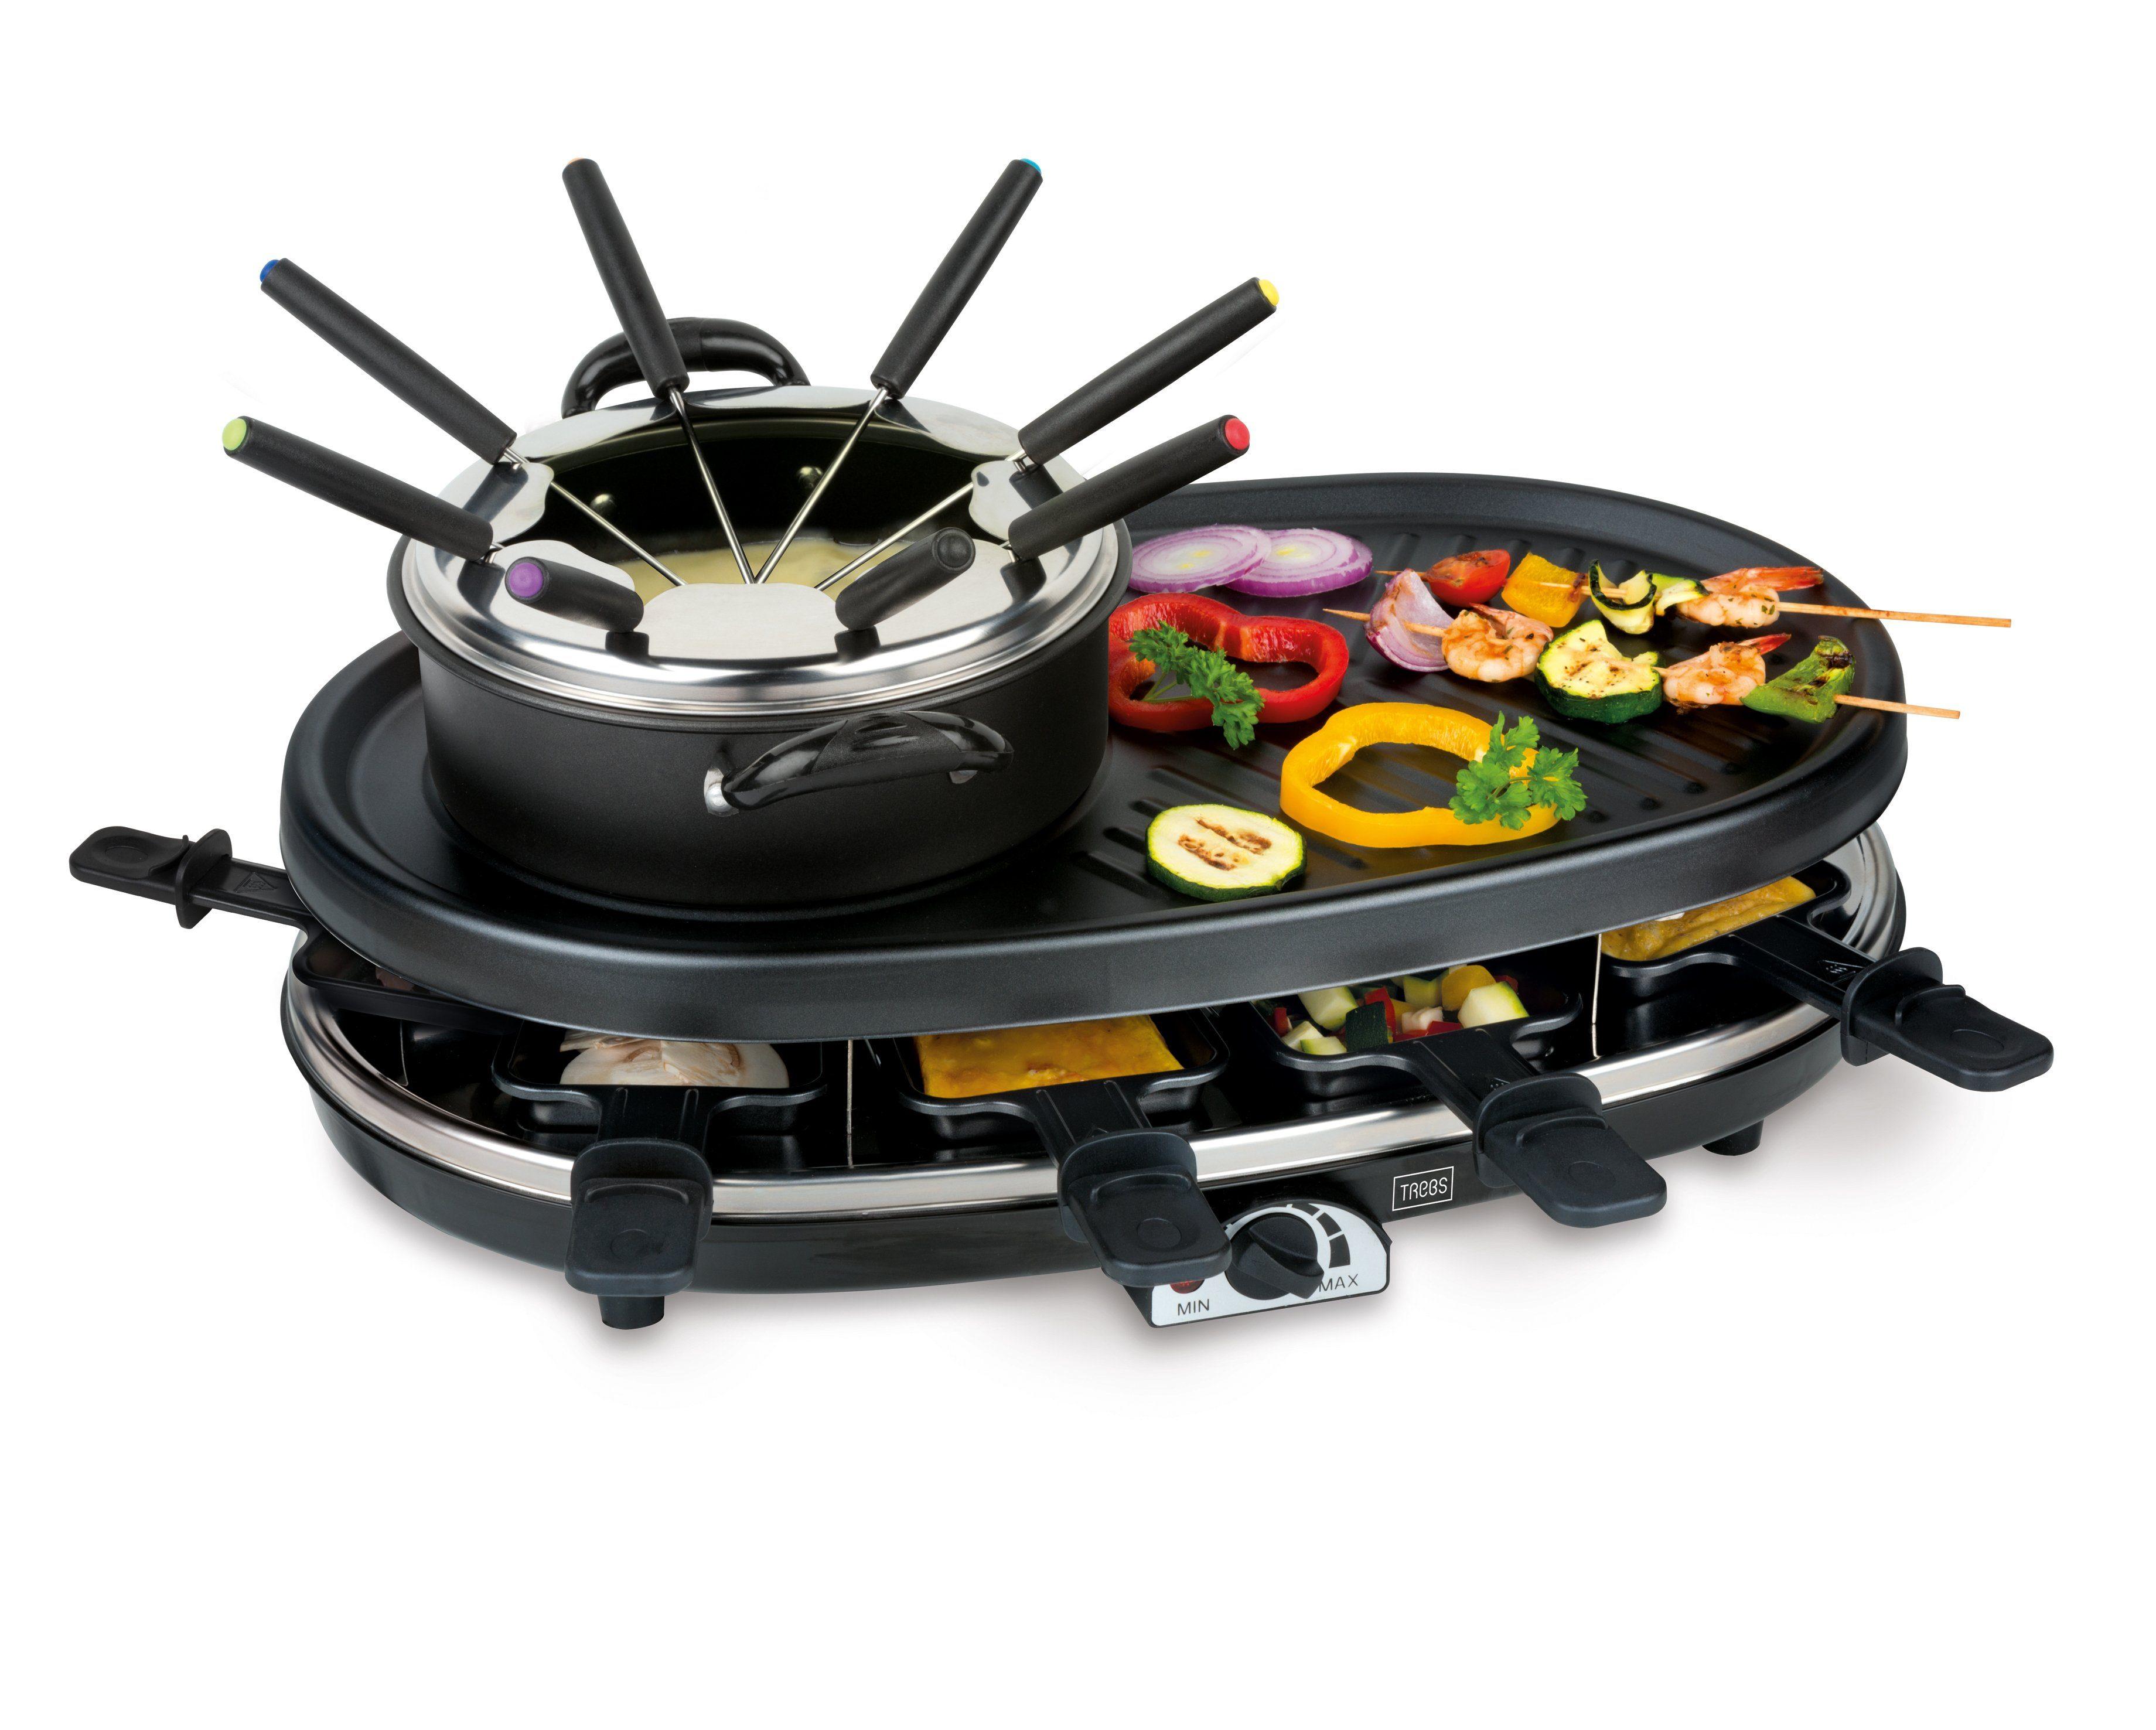 Trebs 4 in 1 Multifunktionsgerät (Fondue, Grill, Raclette und Gourmet) »99322«